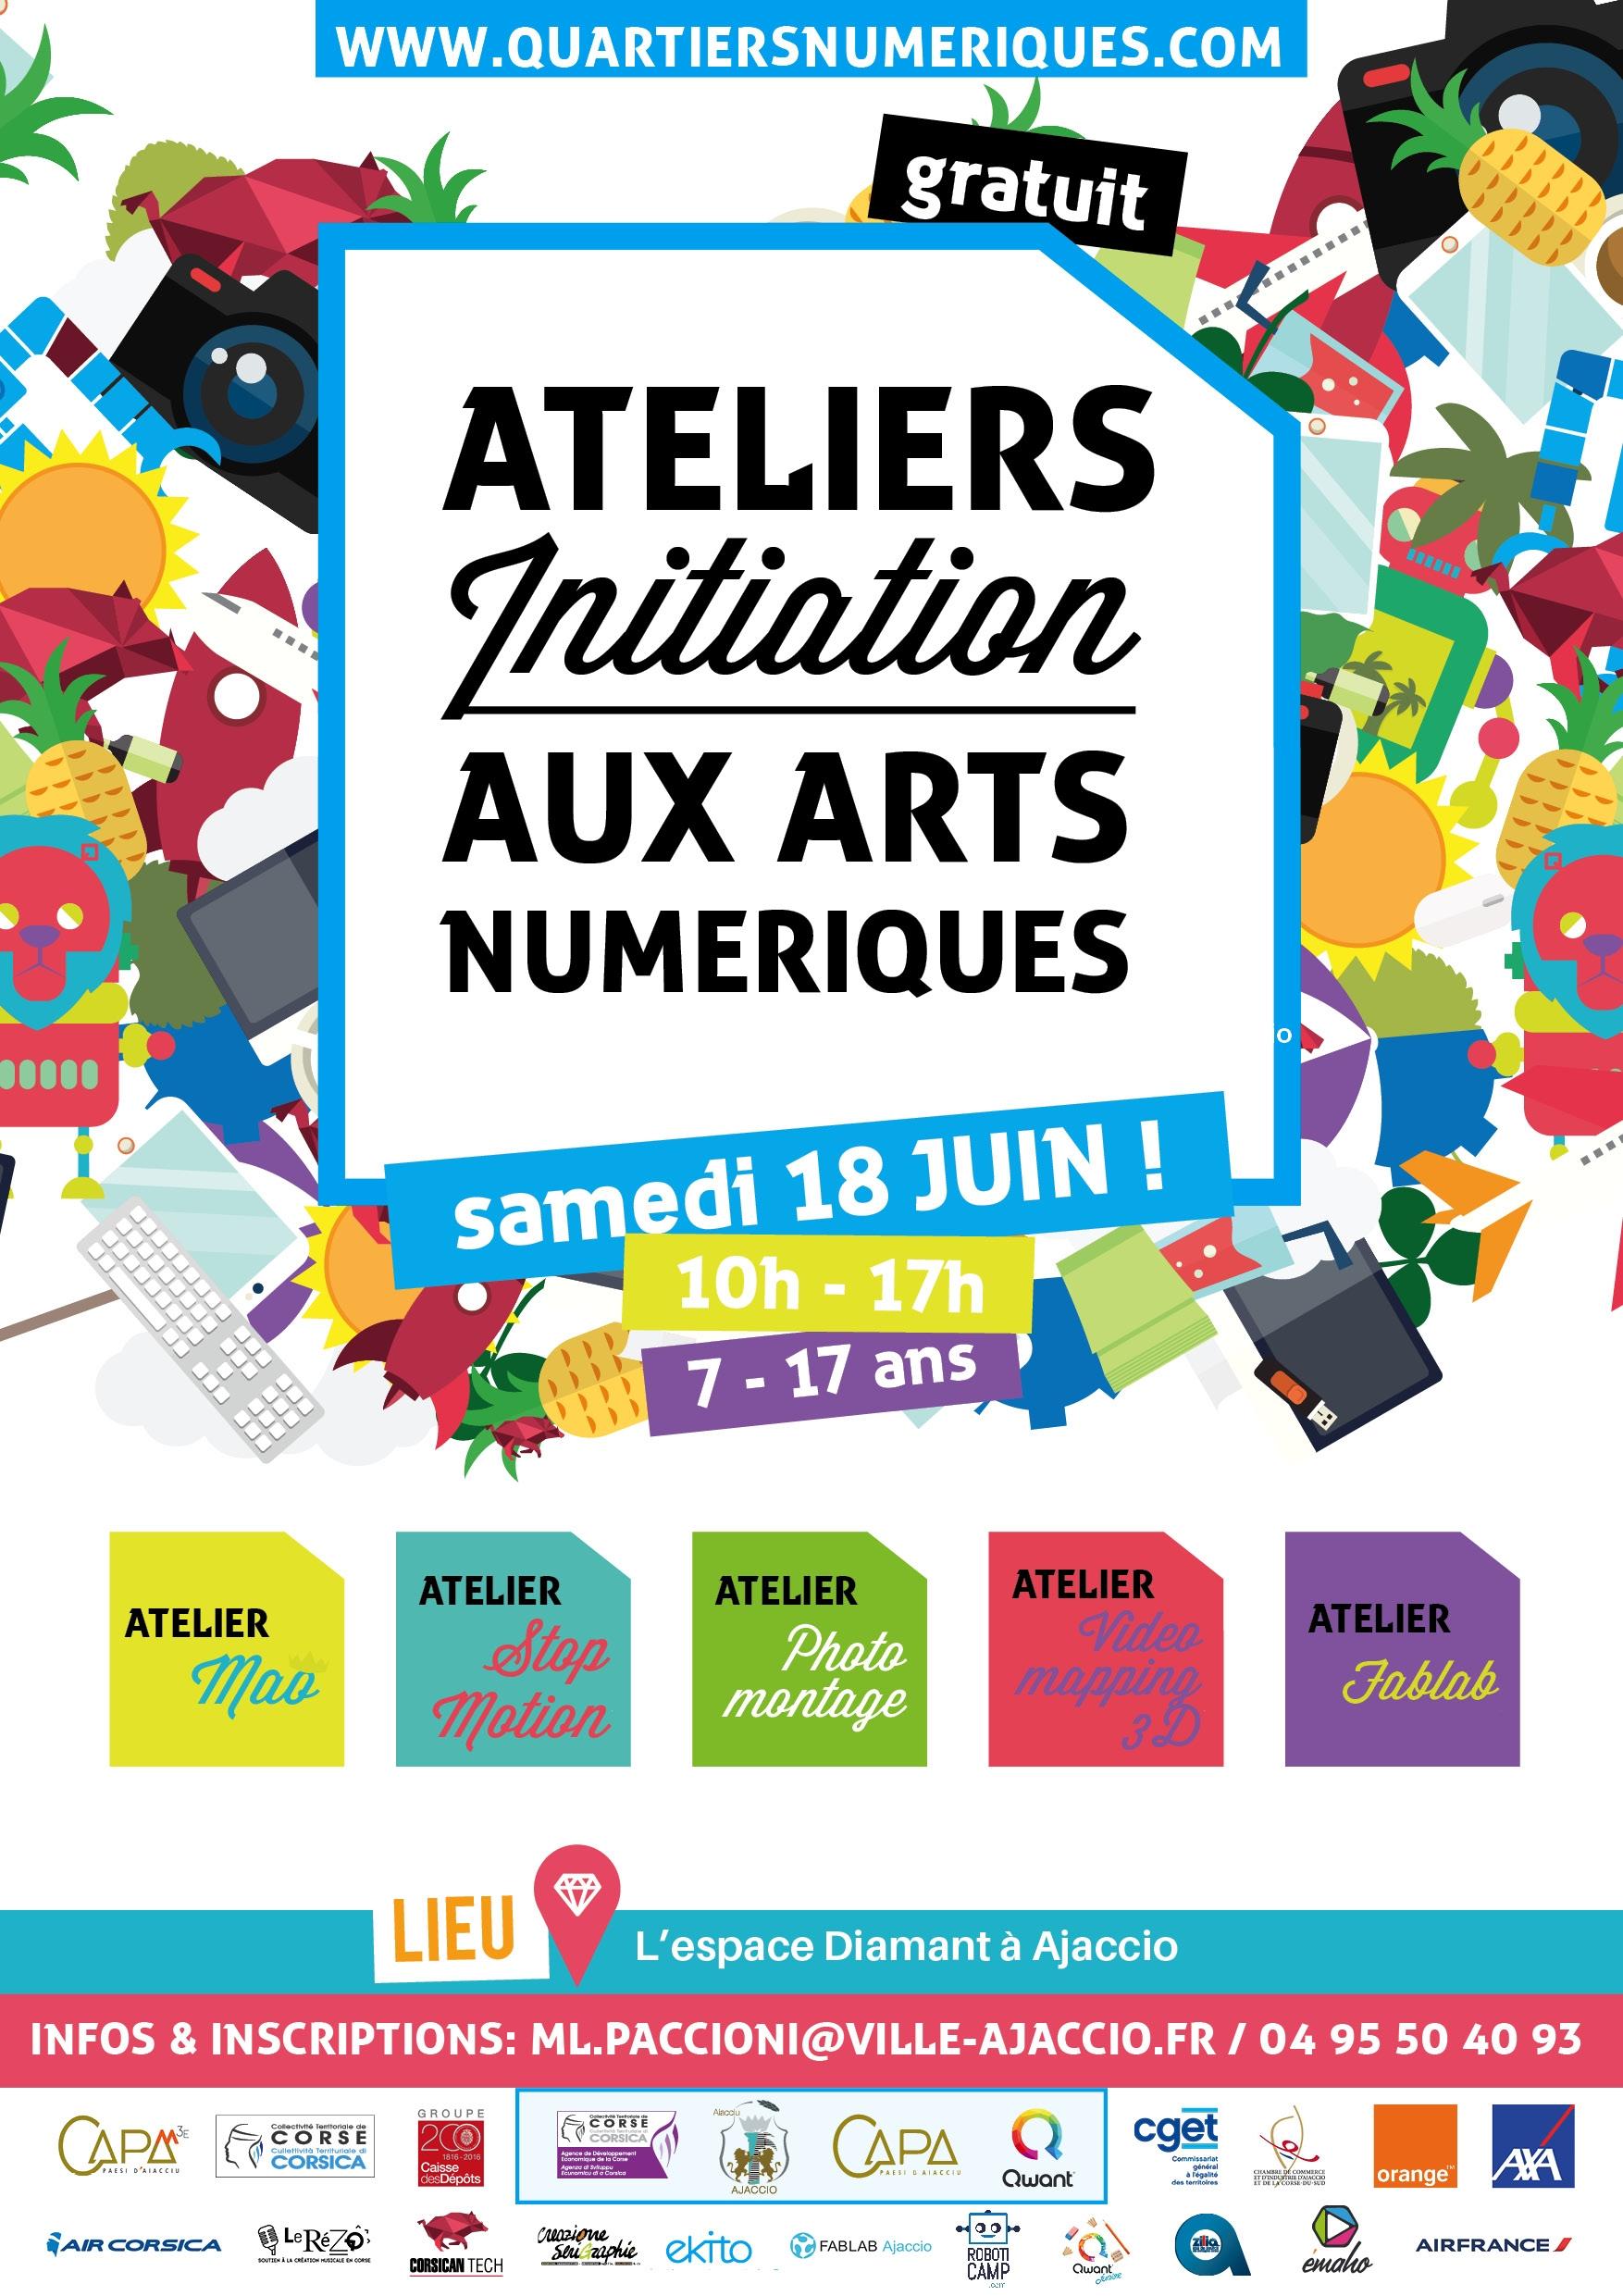 QUARTIERS NUMERIQUES DU 17 AU 23 JUIN : ATELIERS